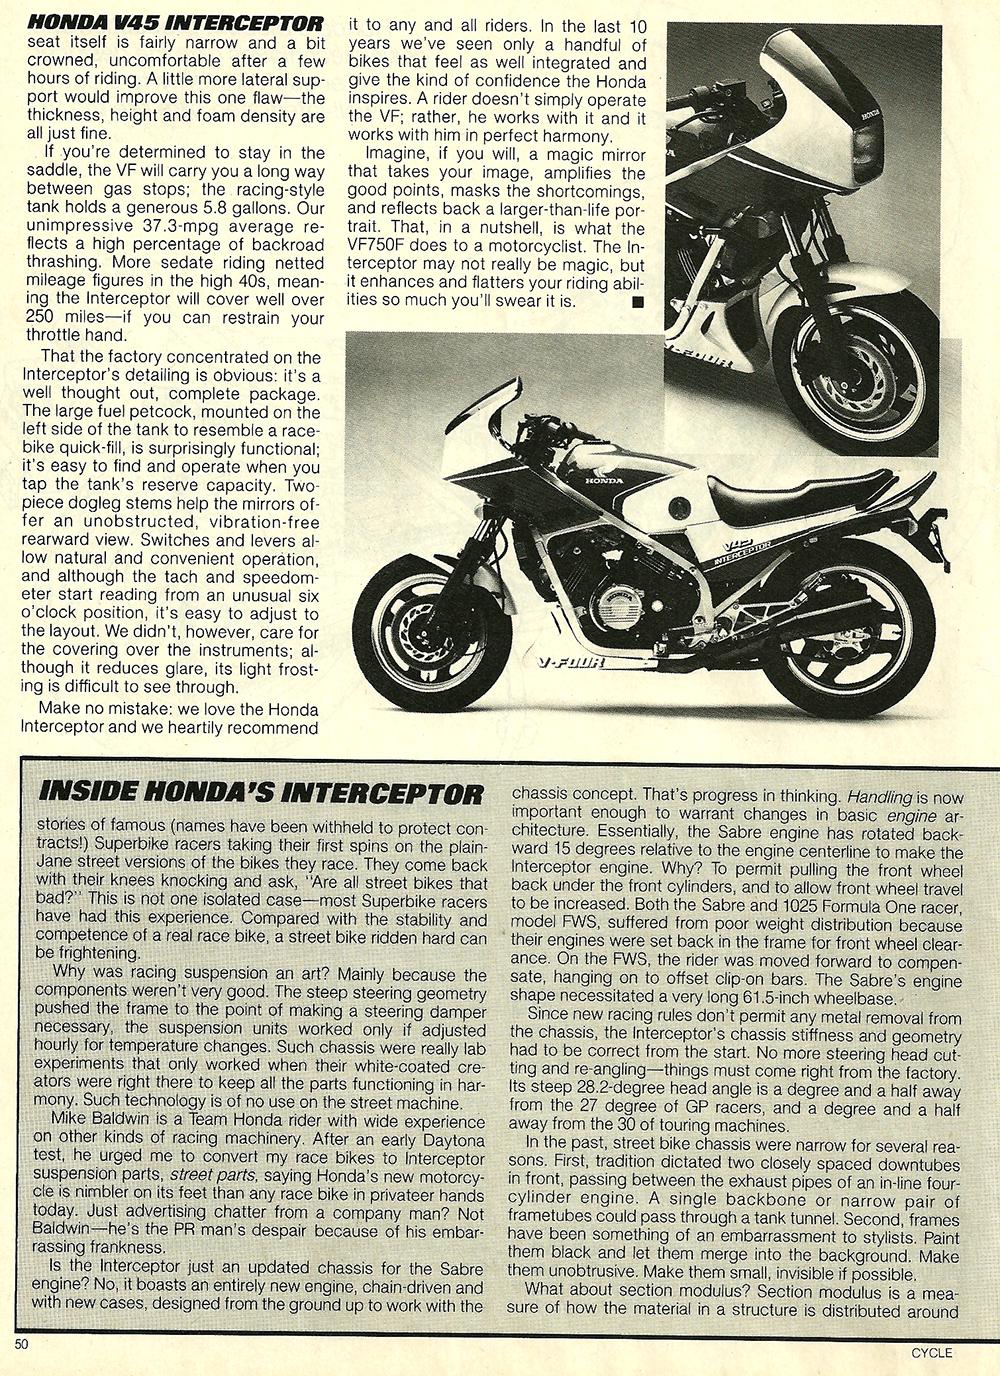 1983 Honda V45 Interceptor road test 10.jpg